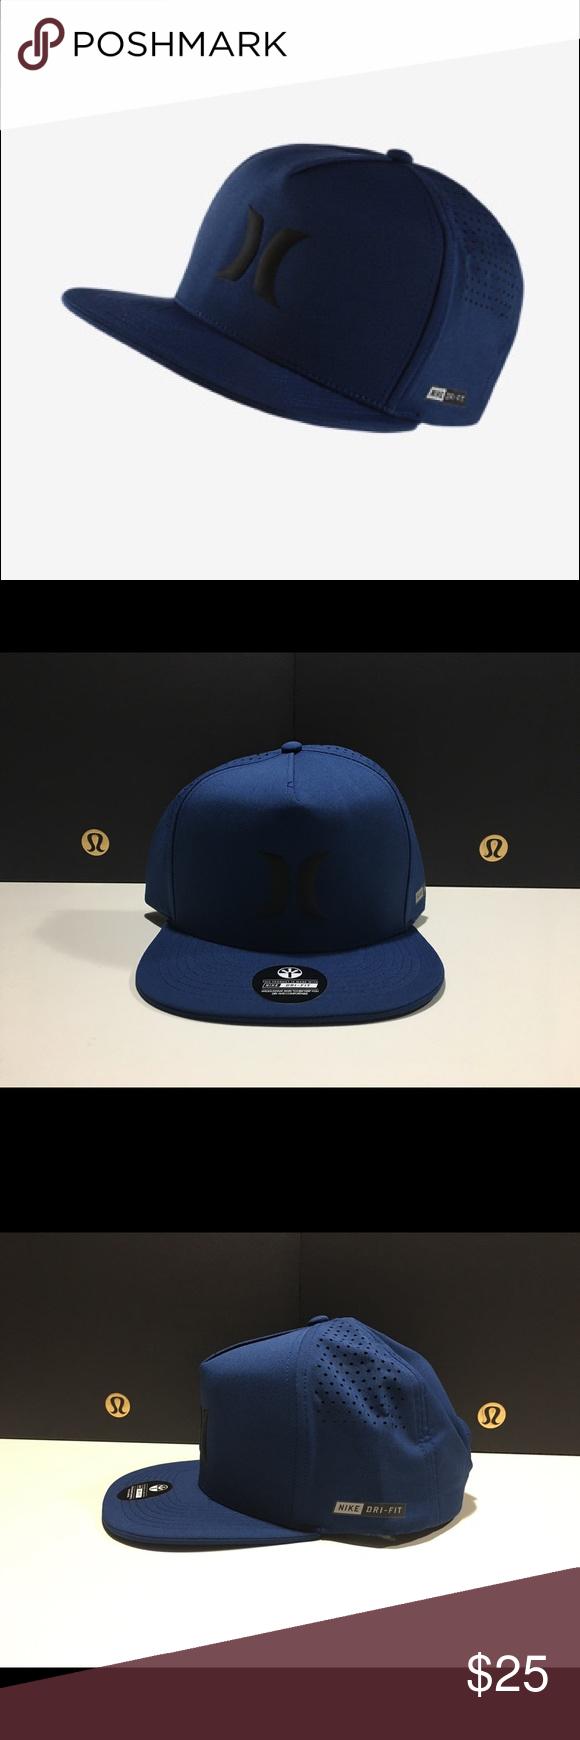 6d63e6fa379da Hurley DRI FIT Icon SnapBack Hat NWT 💯% authentic